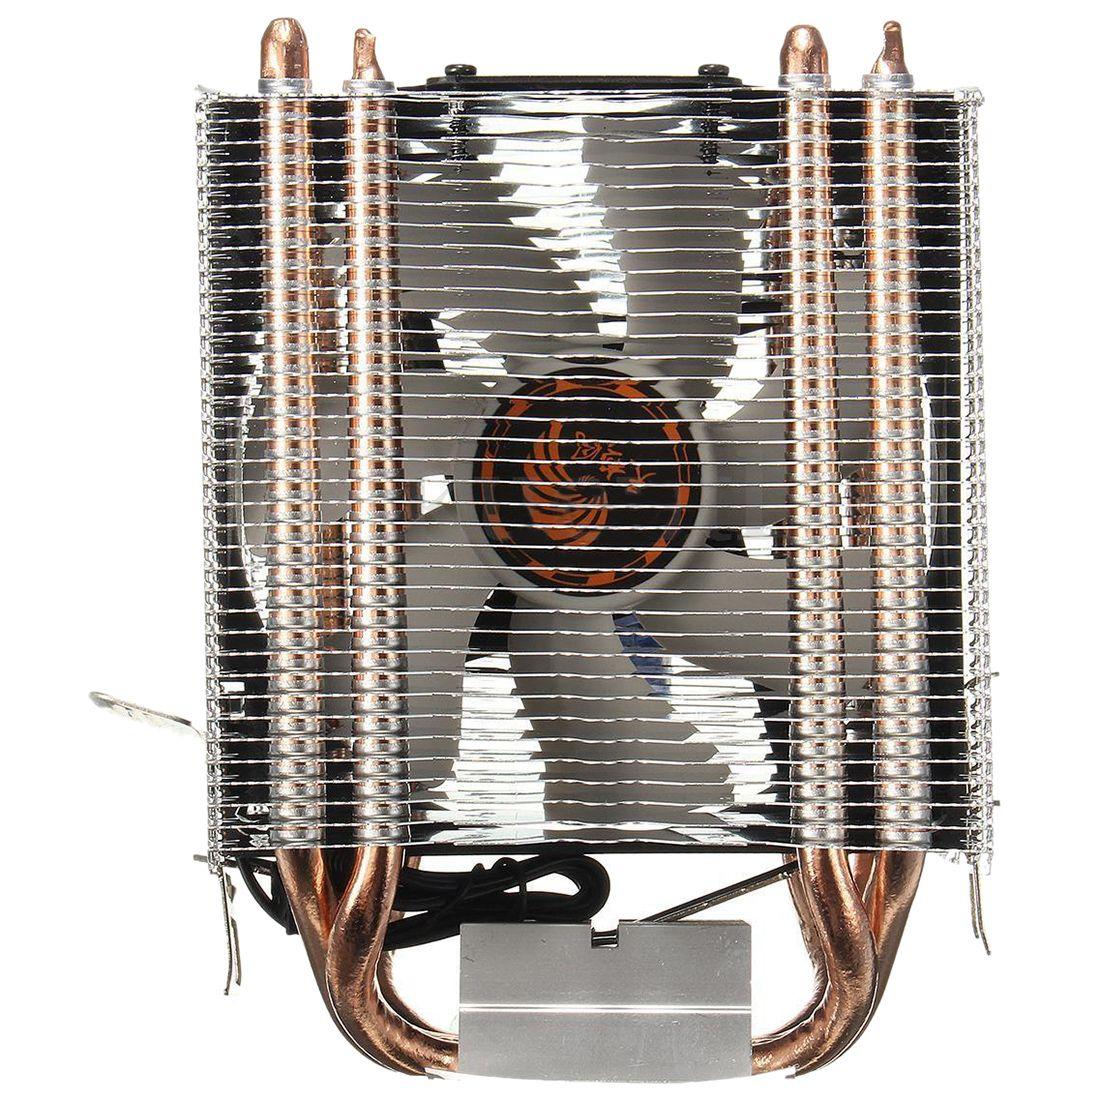 Neue 4 Heatpipe Cpu-kühler Kühlkörper für Intel LGA 1150 1151 1155 775 1156 (FÜR AMD)